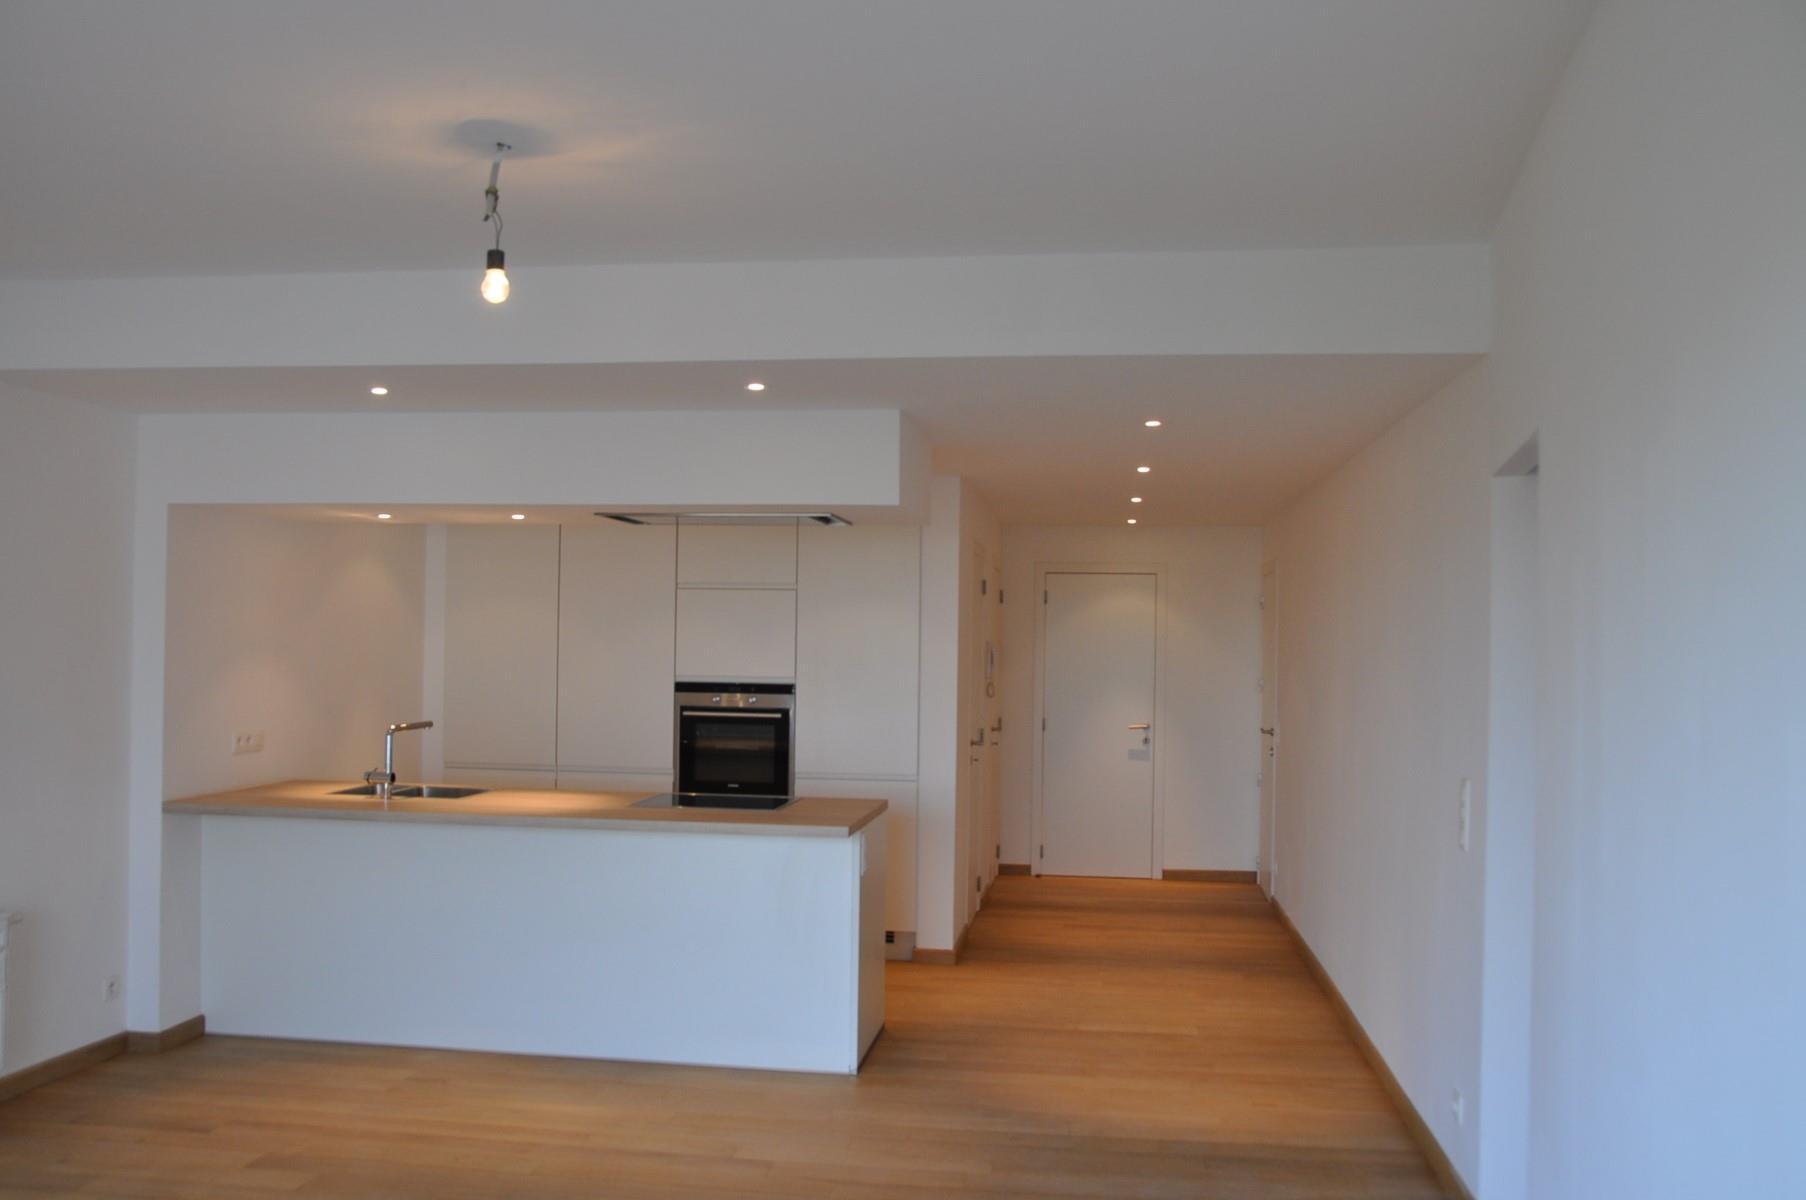 Appartement - Woluwe-Saint-Pierre - #4426238-5